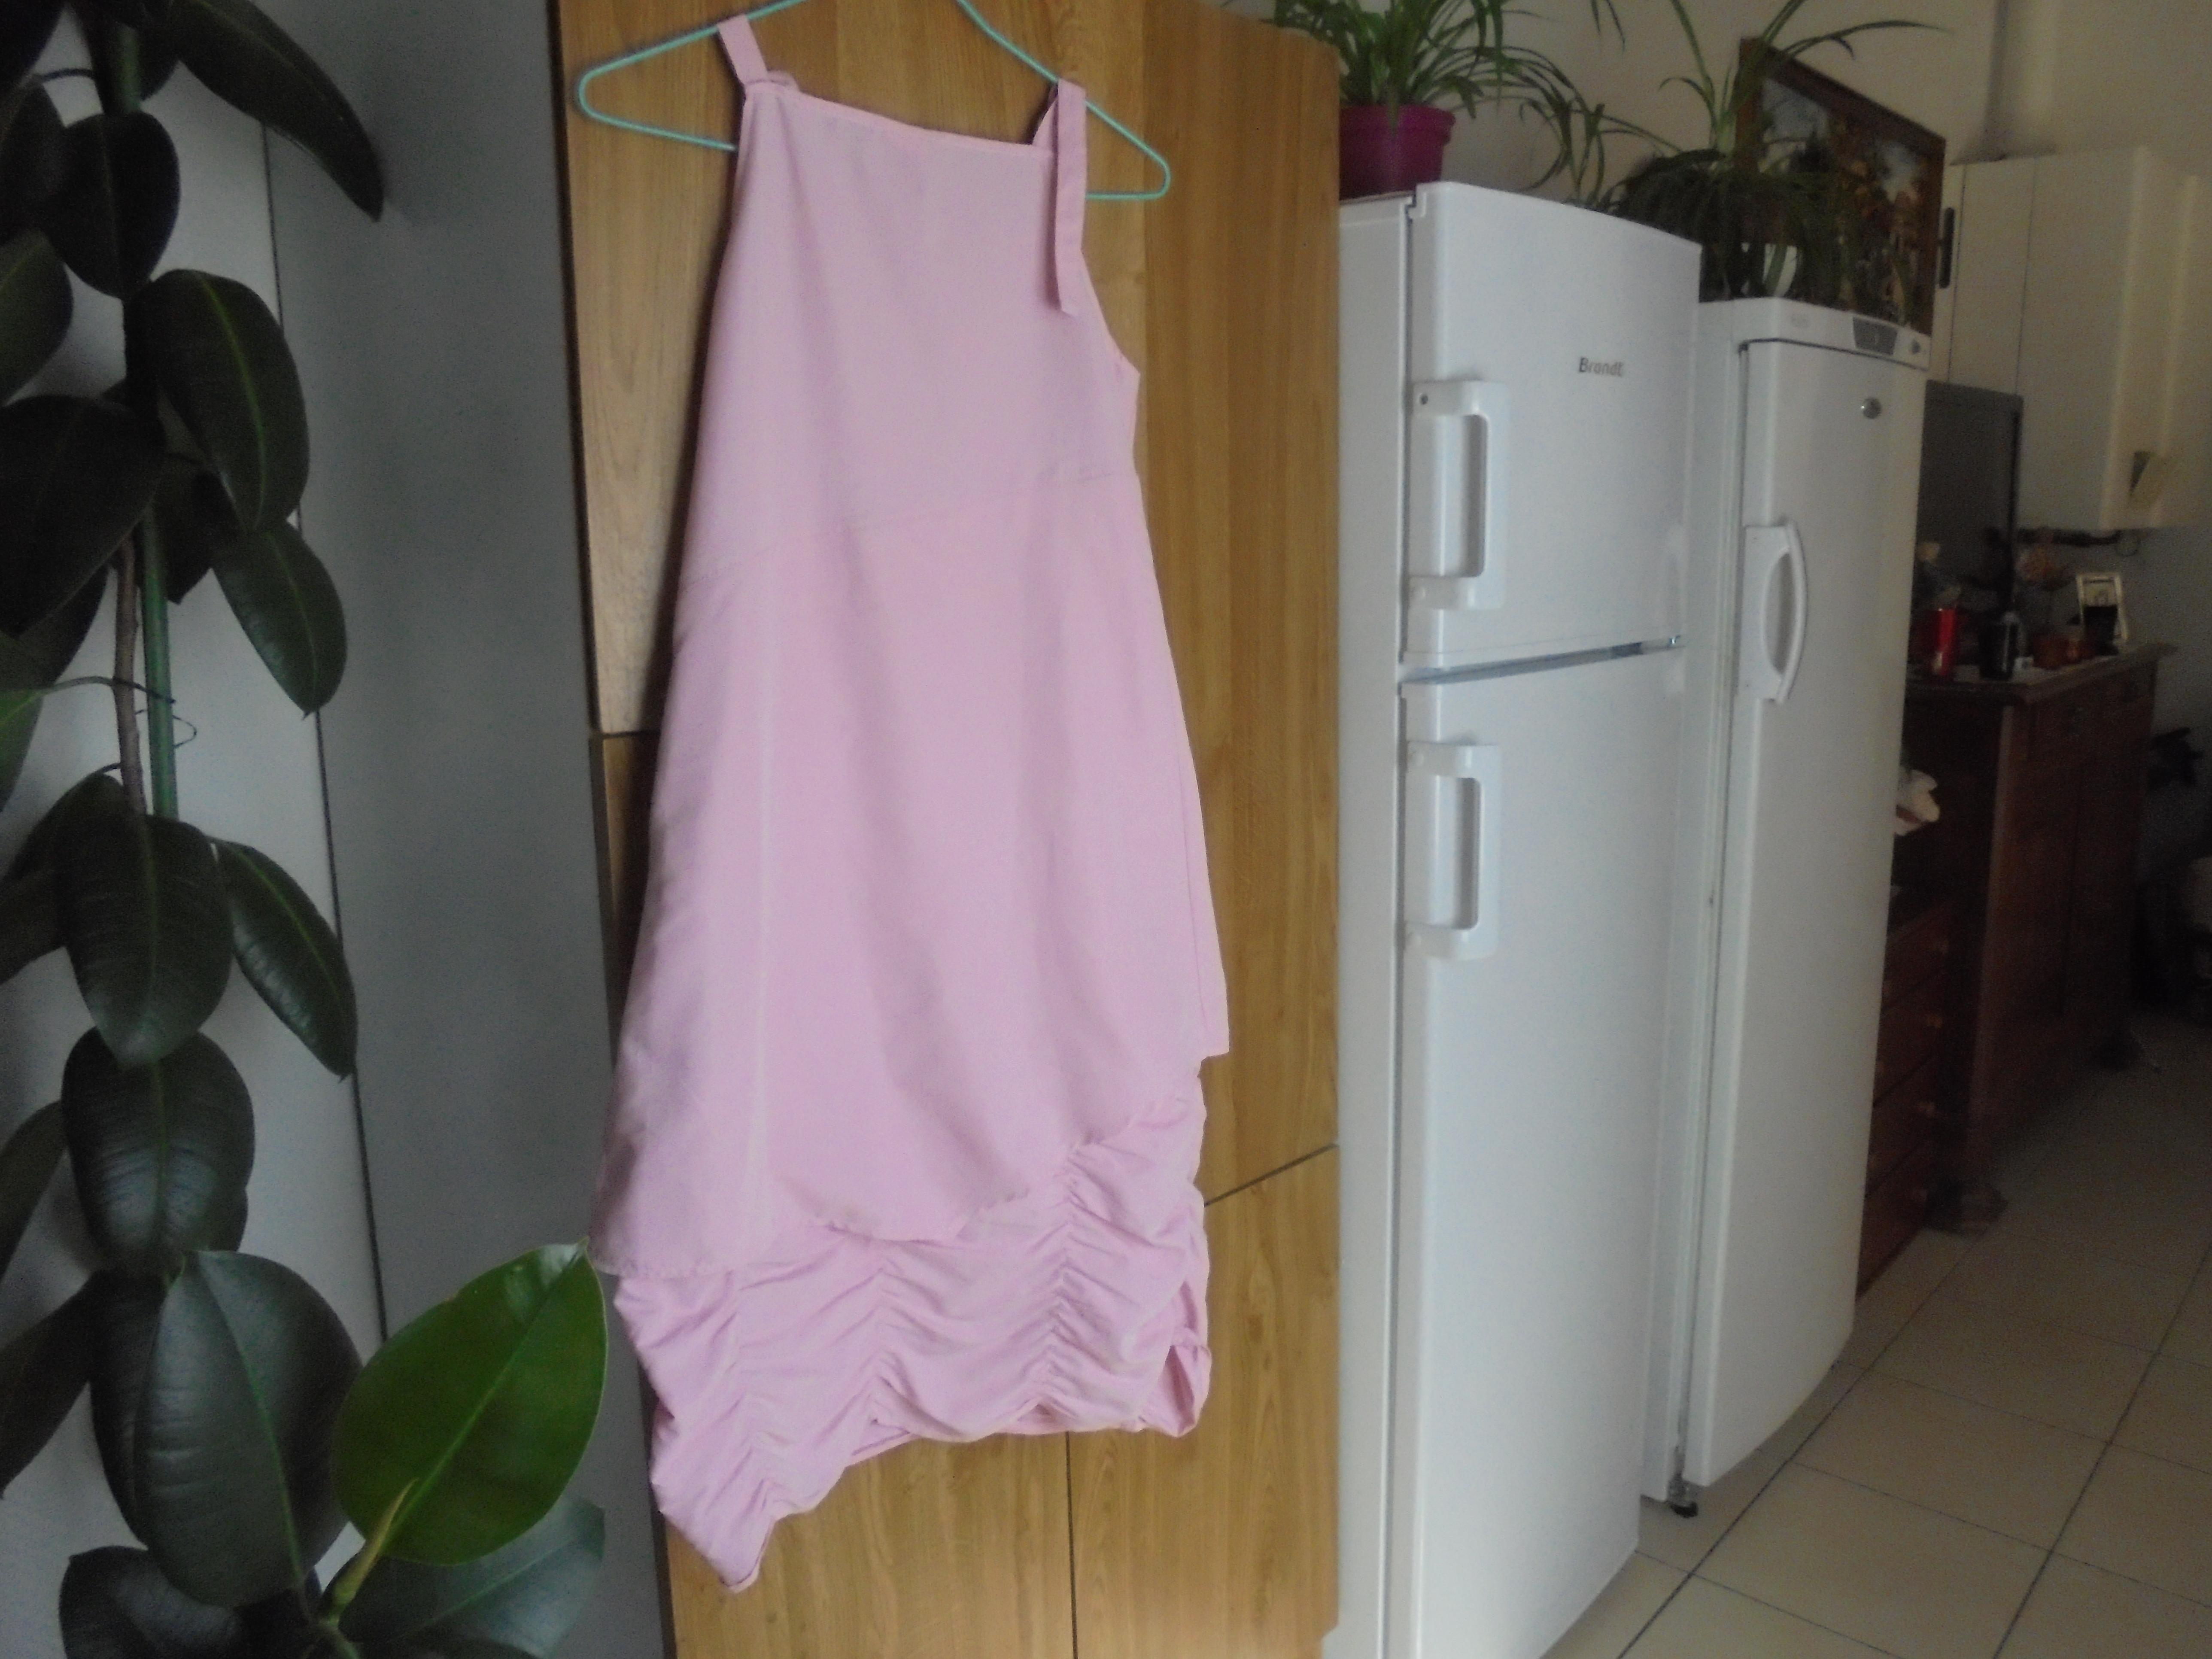 troc de troc robe rose fantaisie    12  ans      10  noisettes image 0